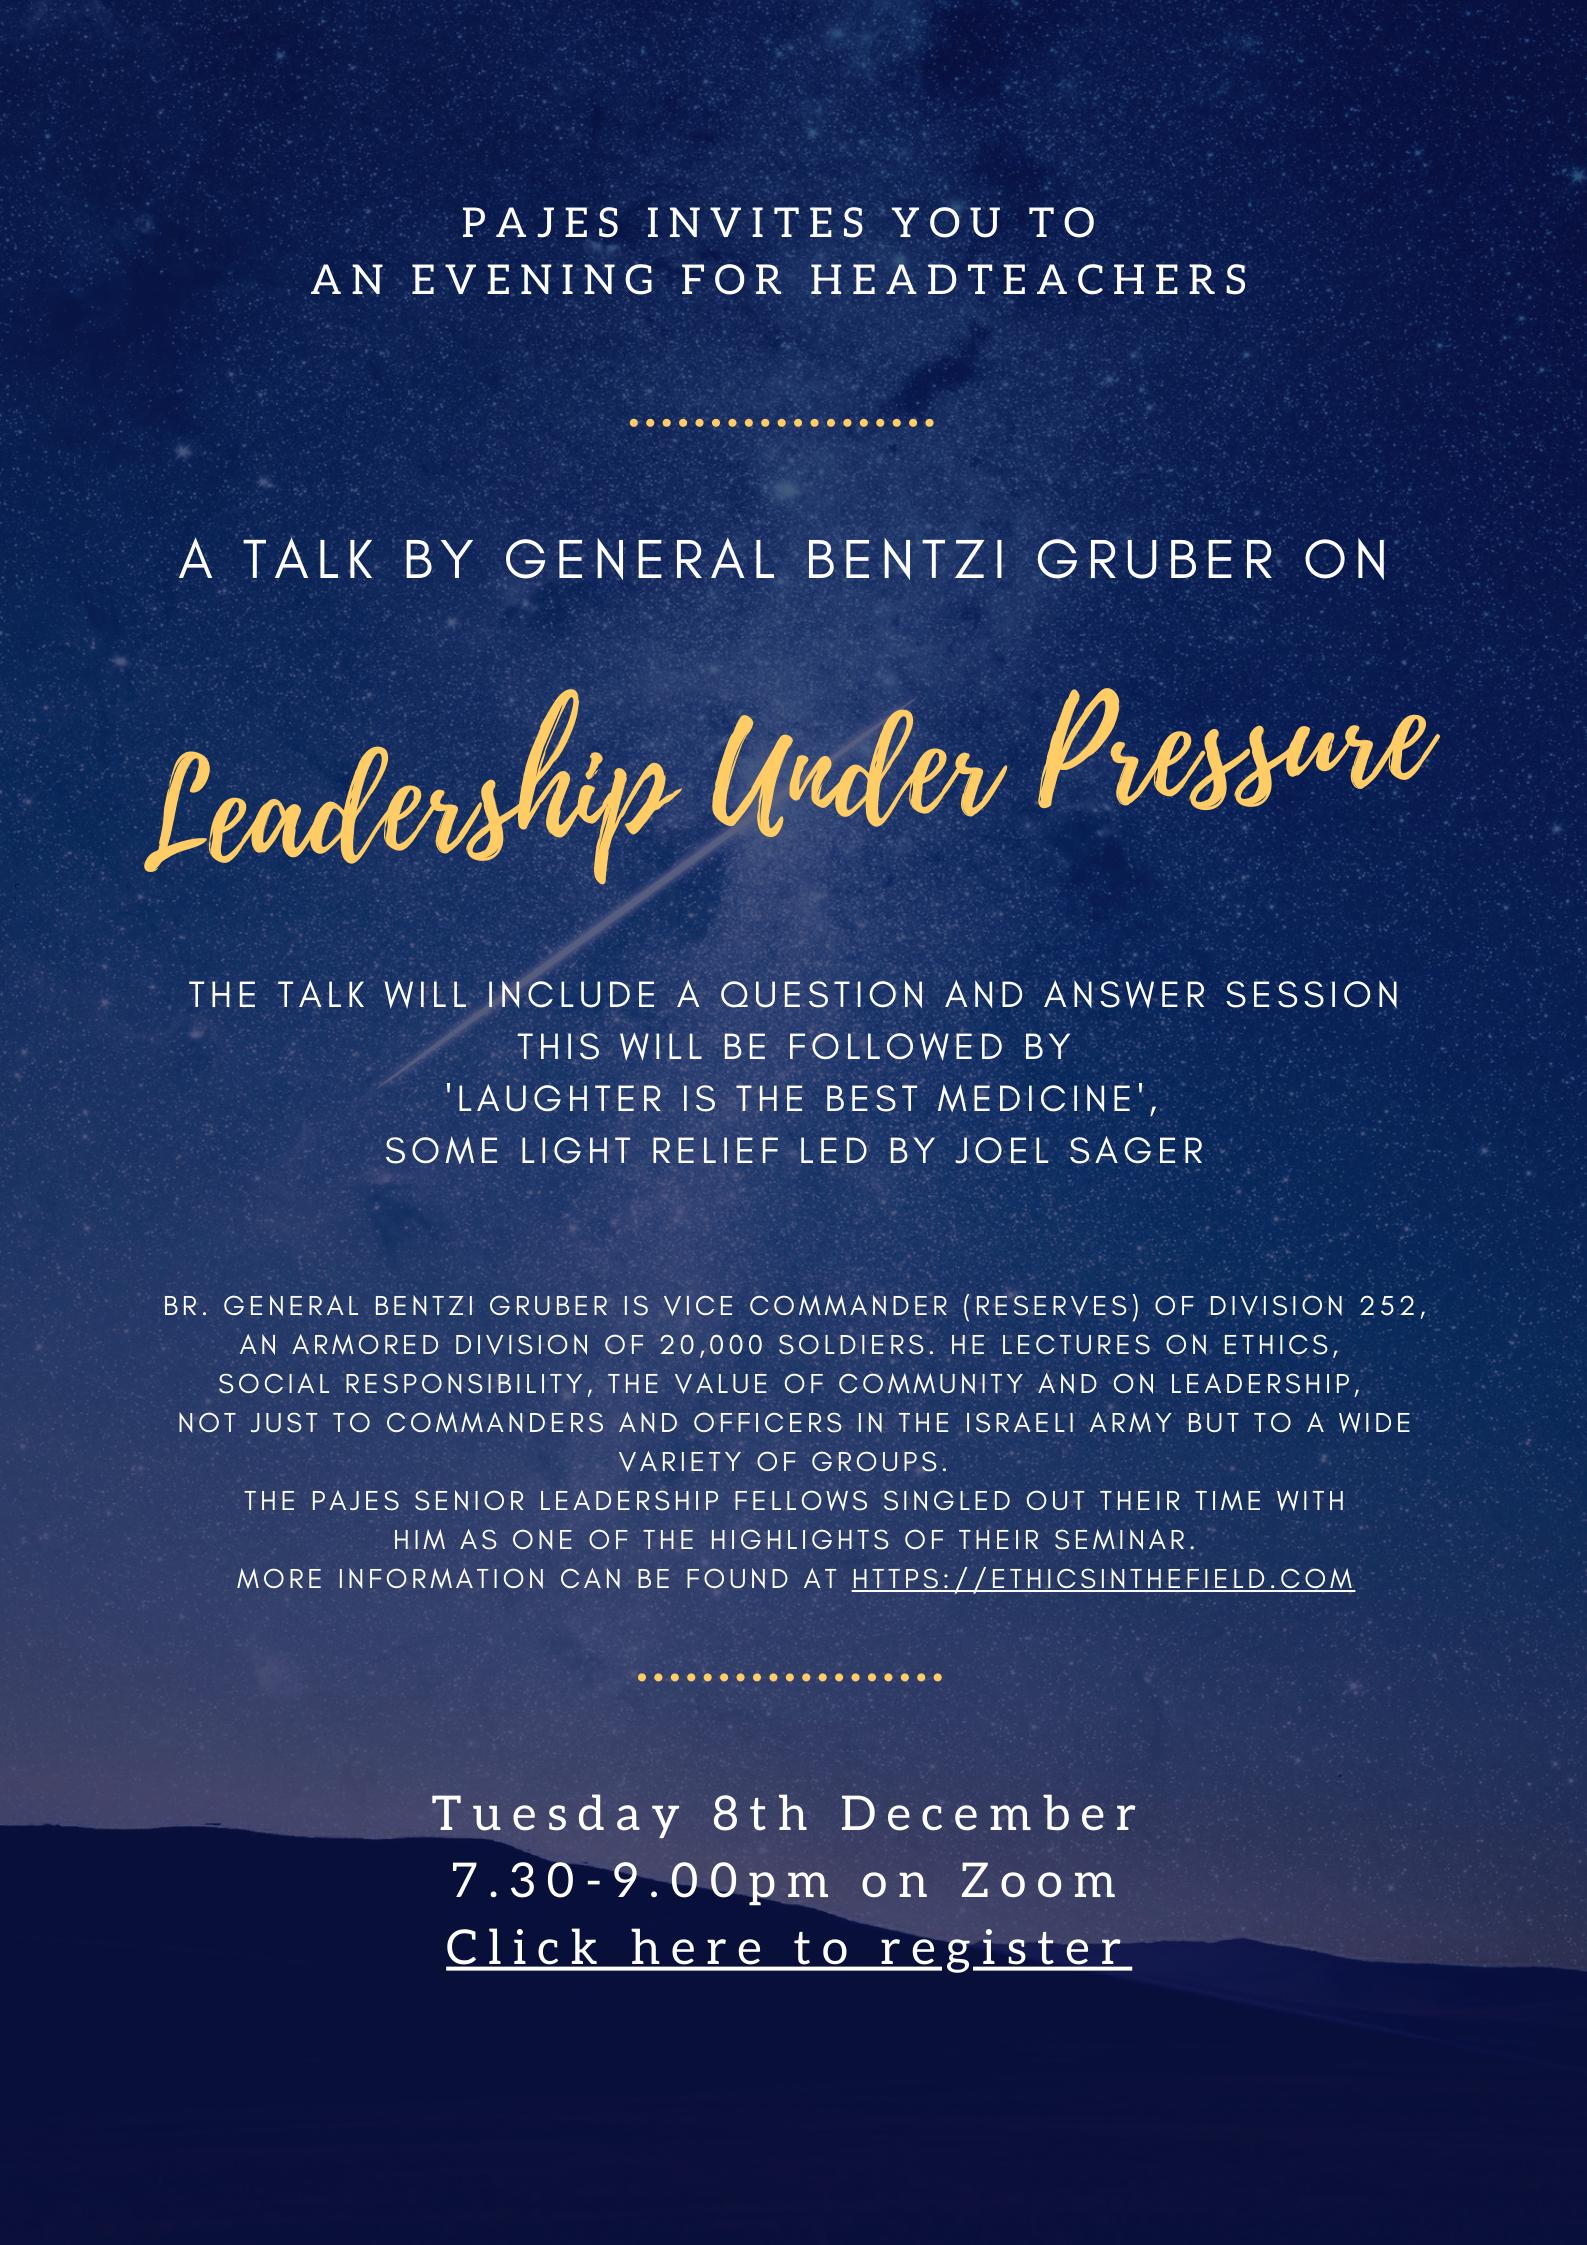 Leadership_Under_Pressure.png